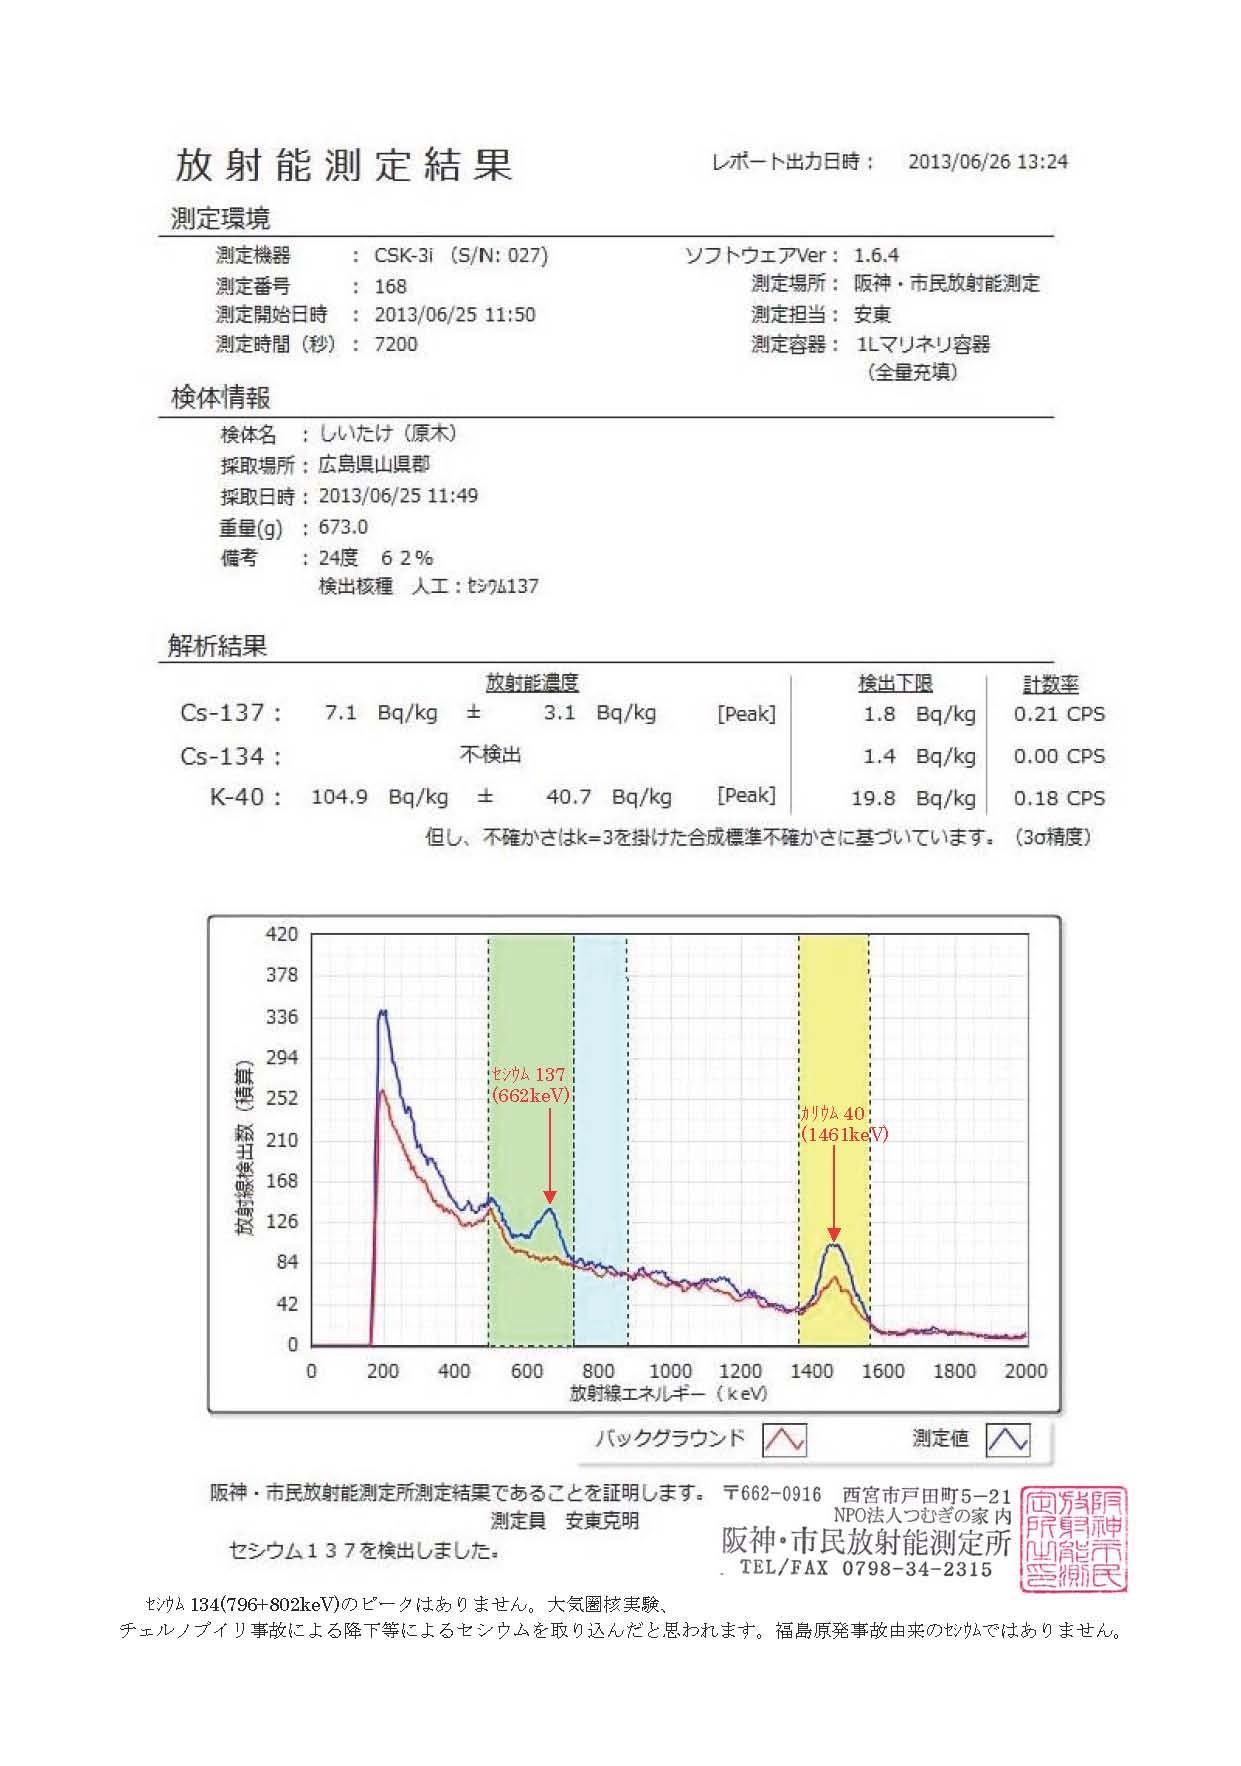 168 しいたけ(広島産)自家栽培の測定結果